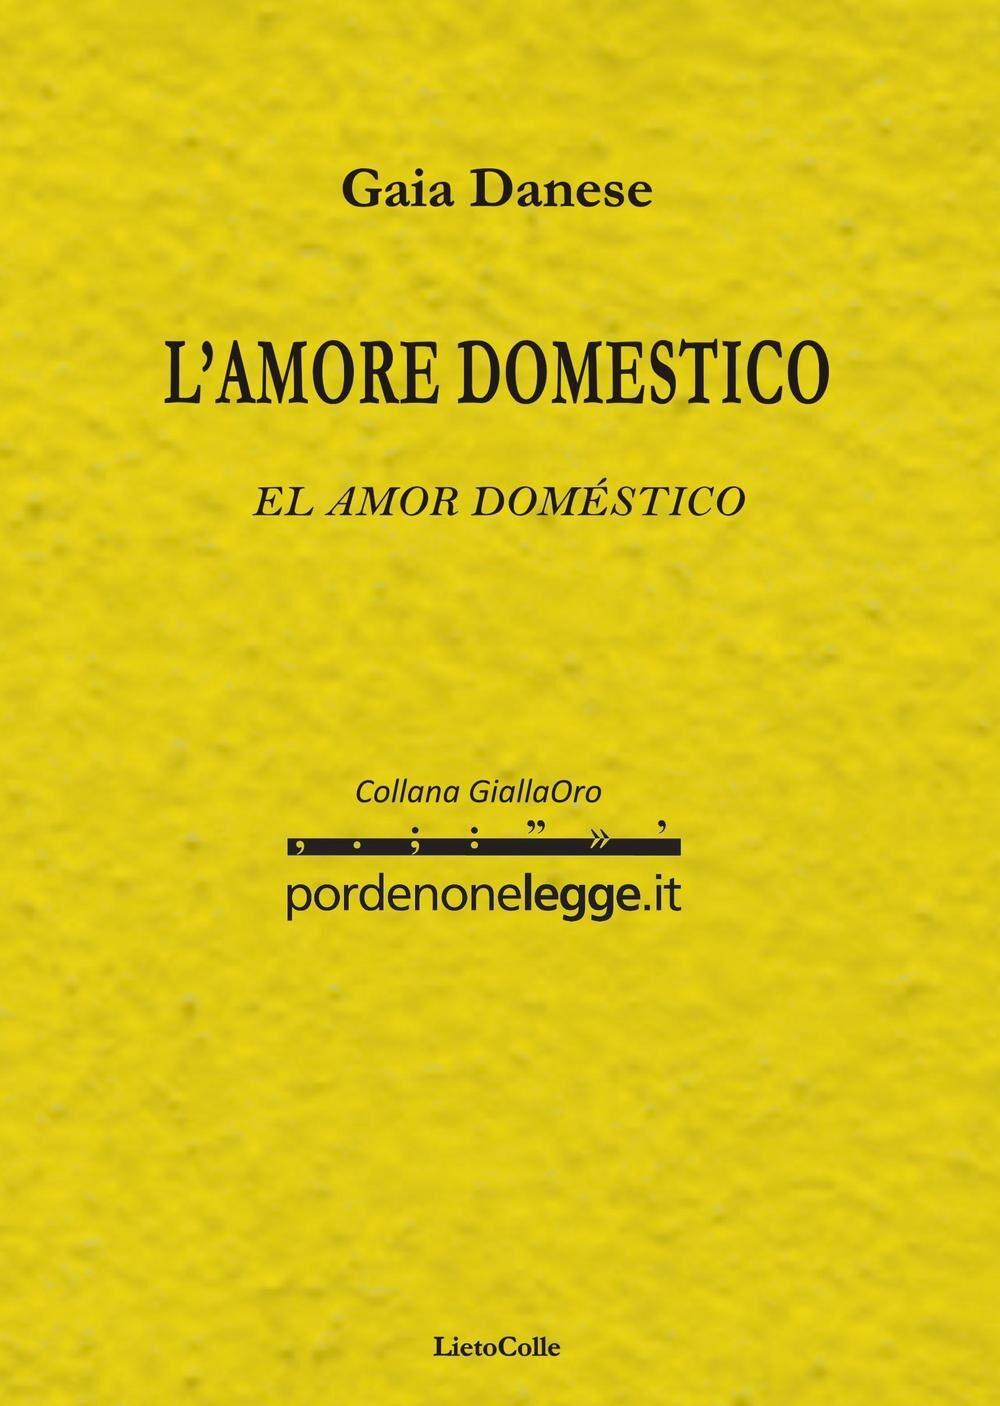 Amore domestico-El amor doméstico